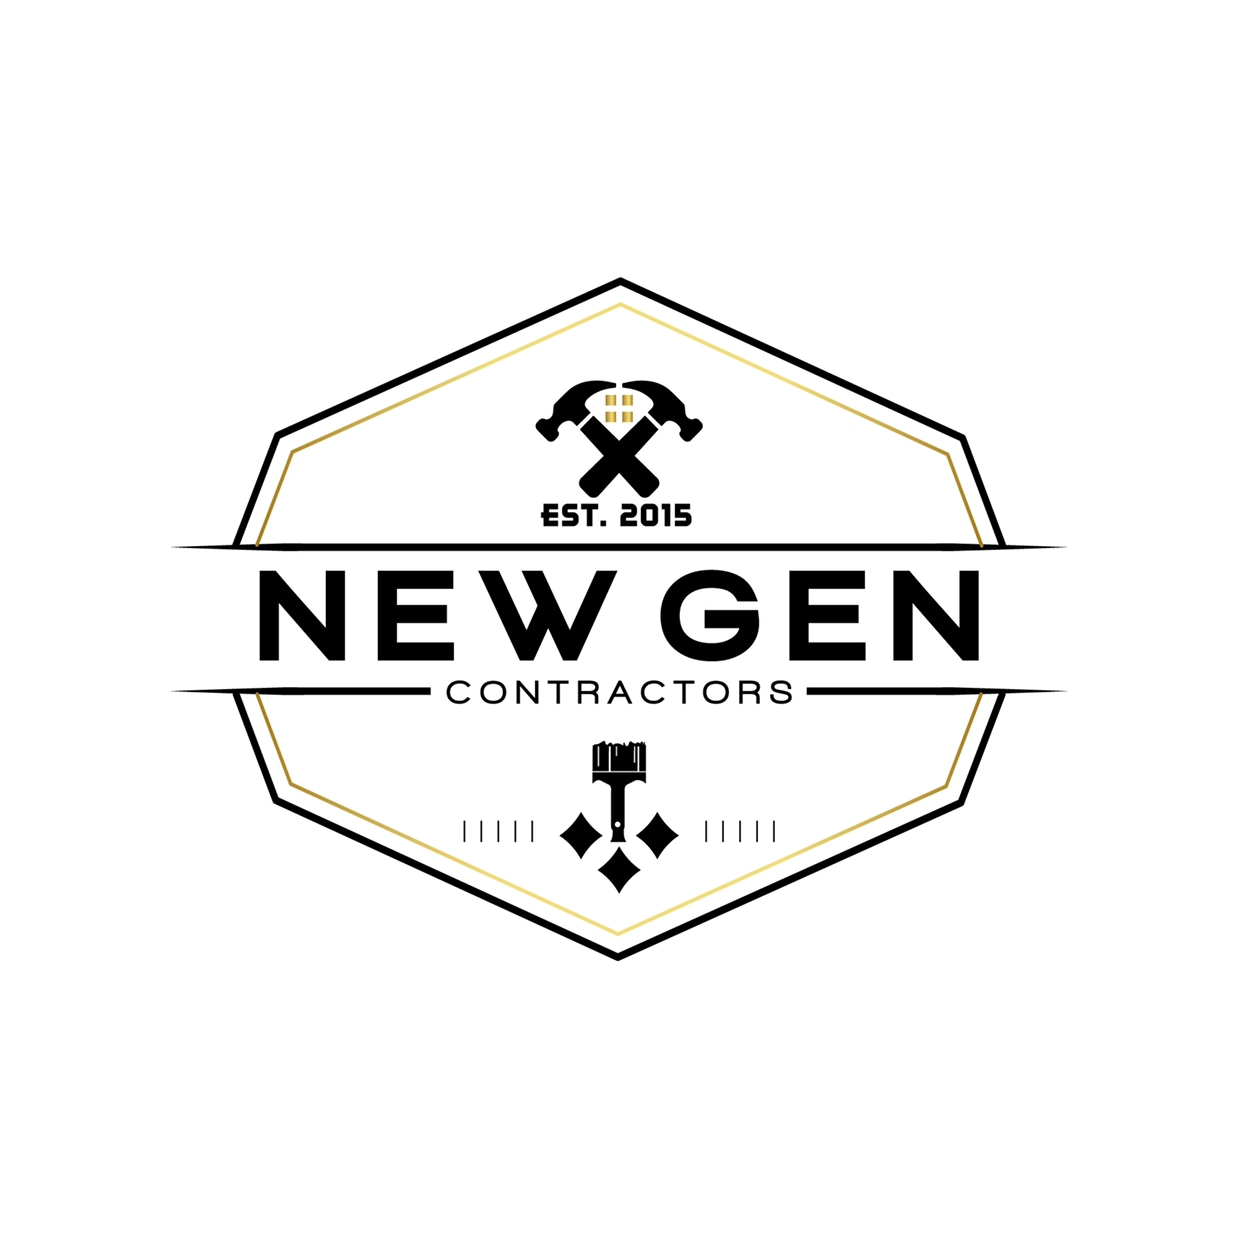 New Gen Contractors